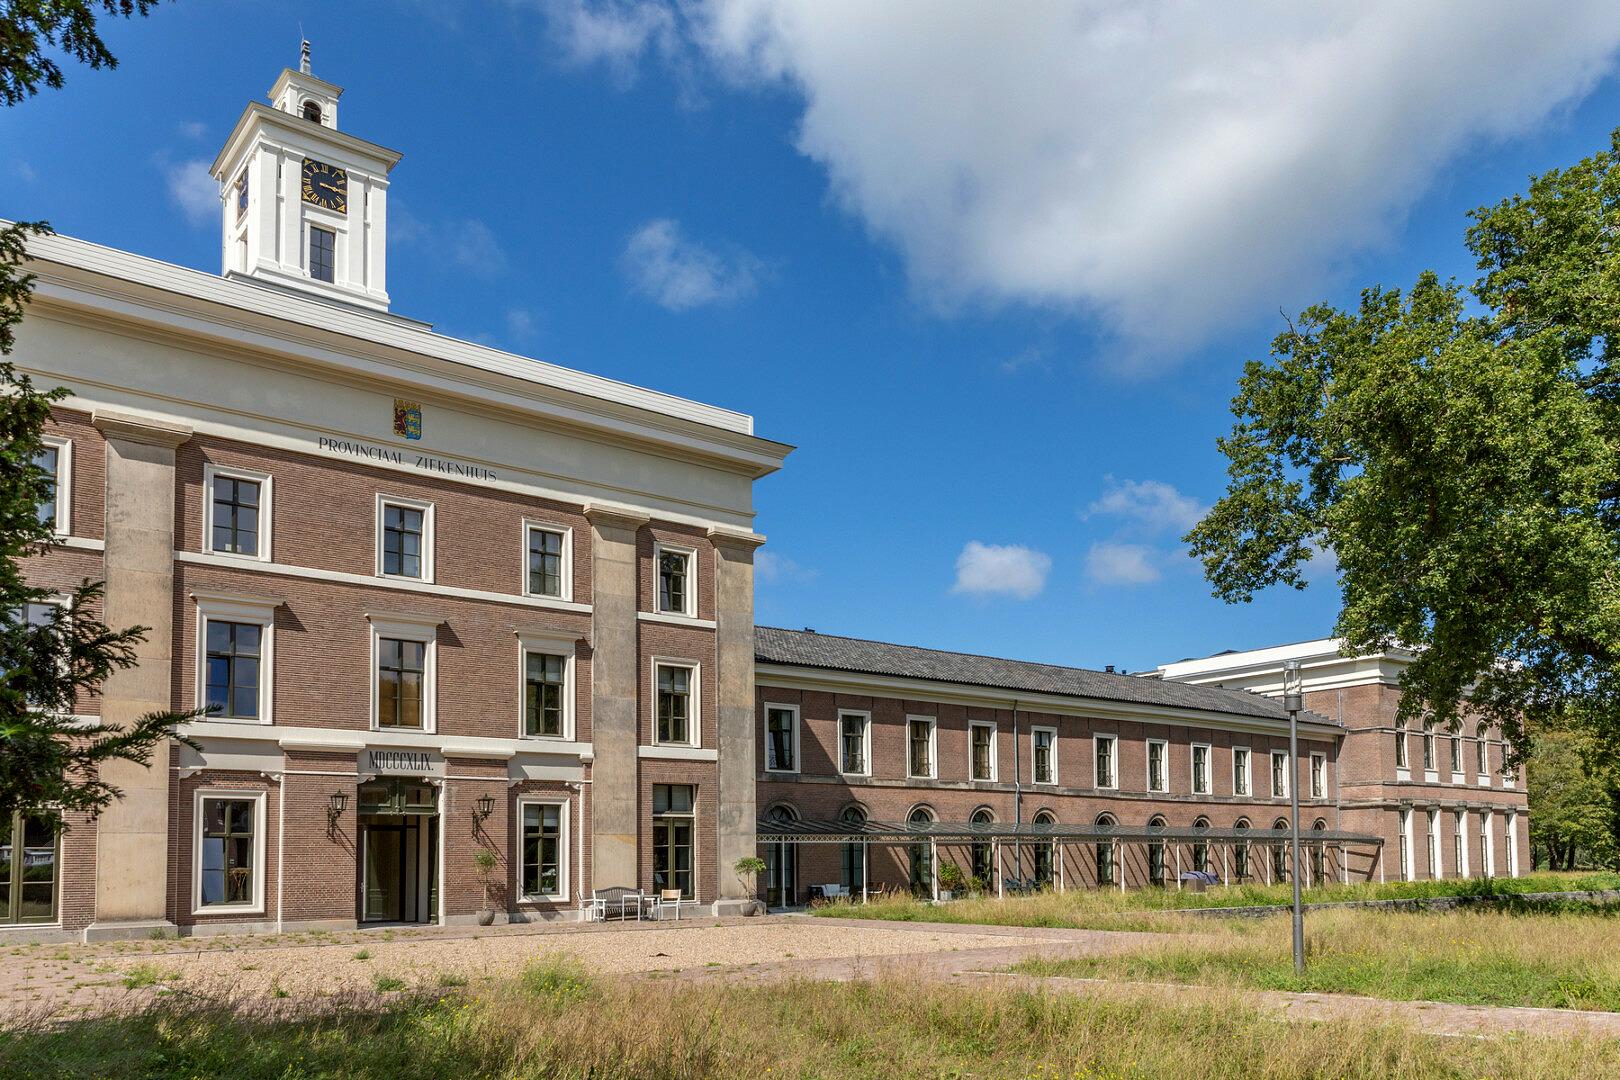 Carre van Bloemendaal transformatie restauratie ziekenhuis naar woningen